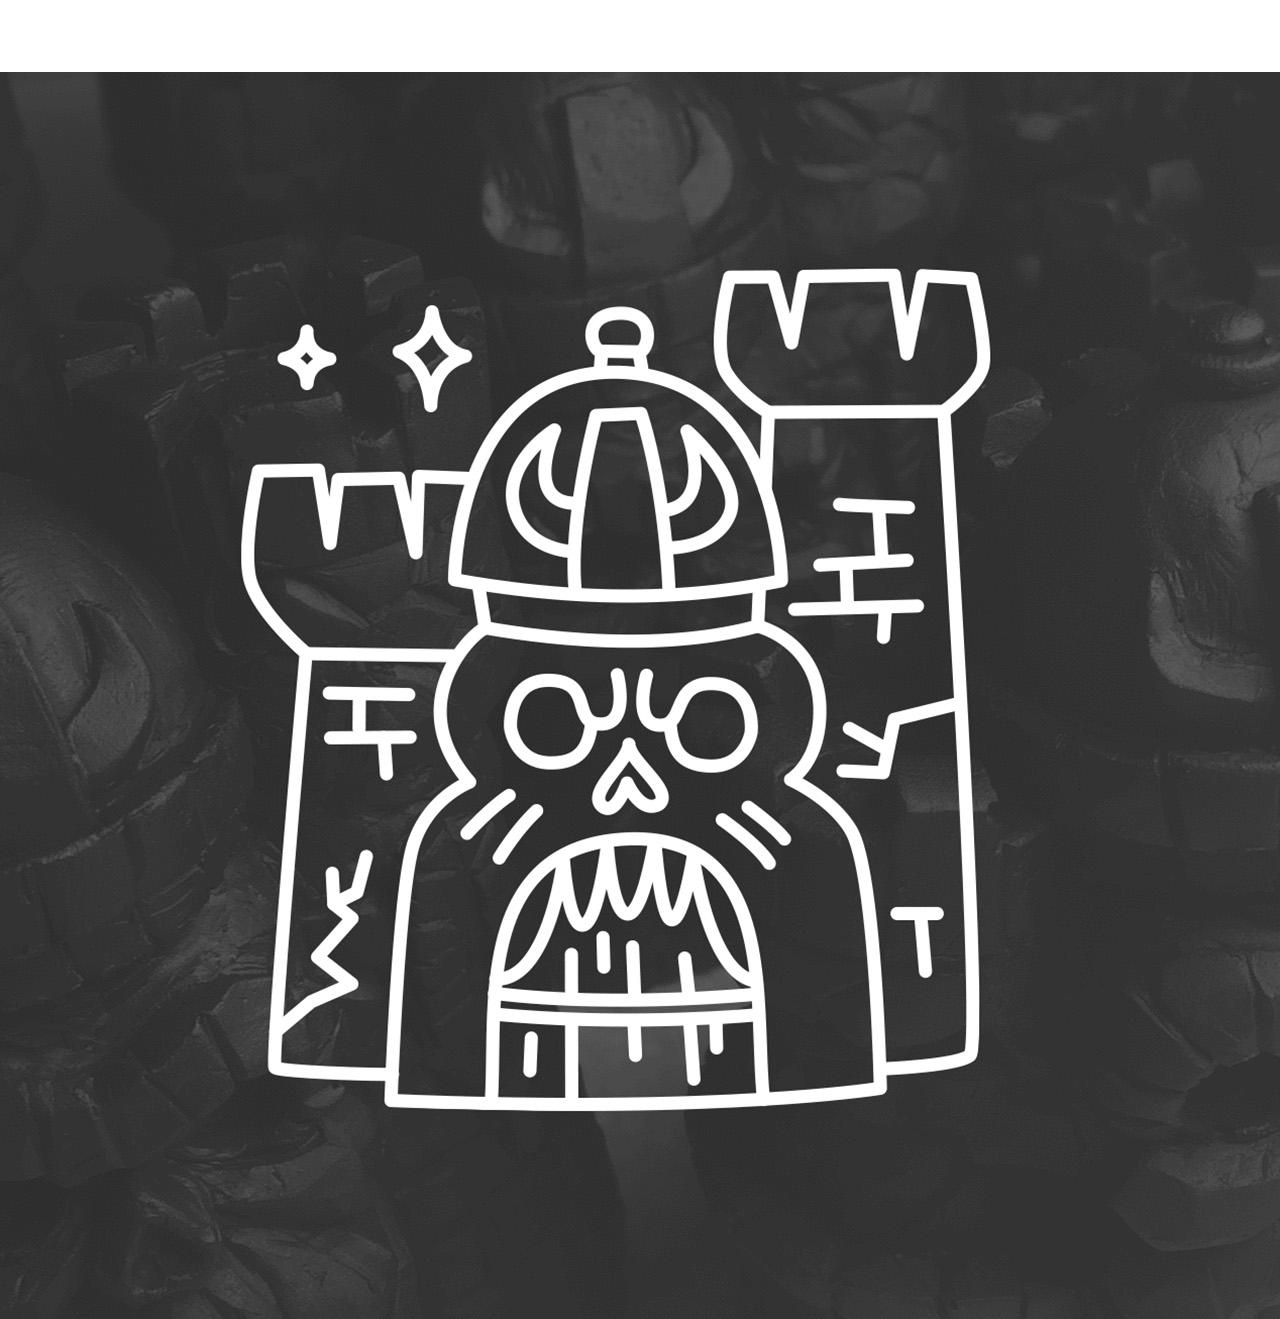 RobotSoda-Mattel-Grayskull007 copy.jpg